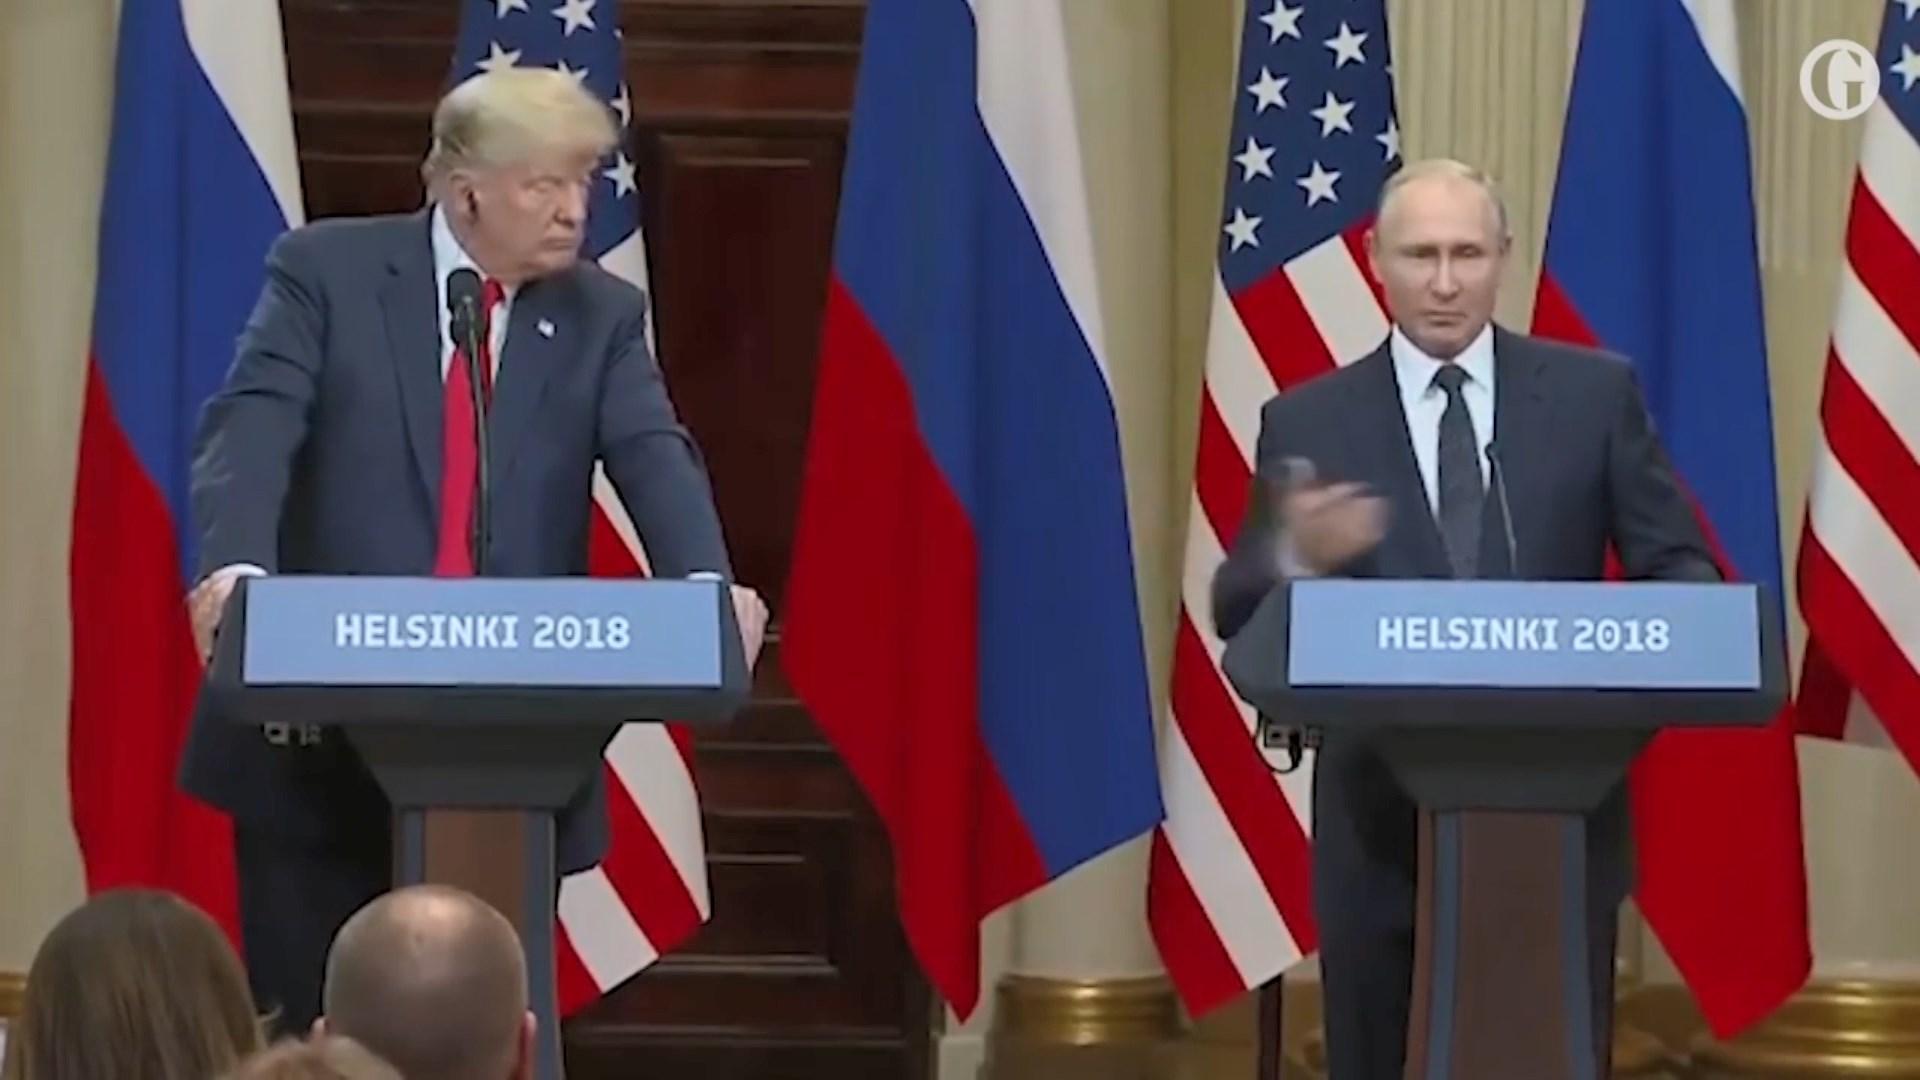 Trump nuk bashkëpunoi me rusët, por pengoi drejtësinë